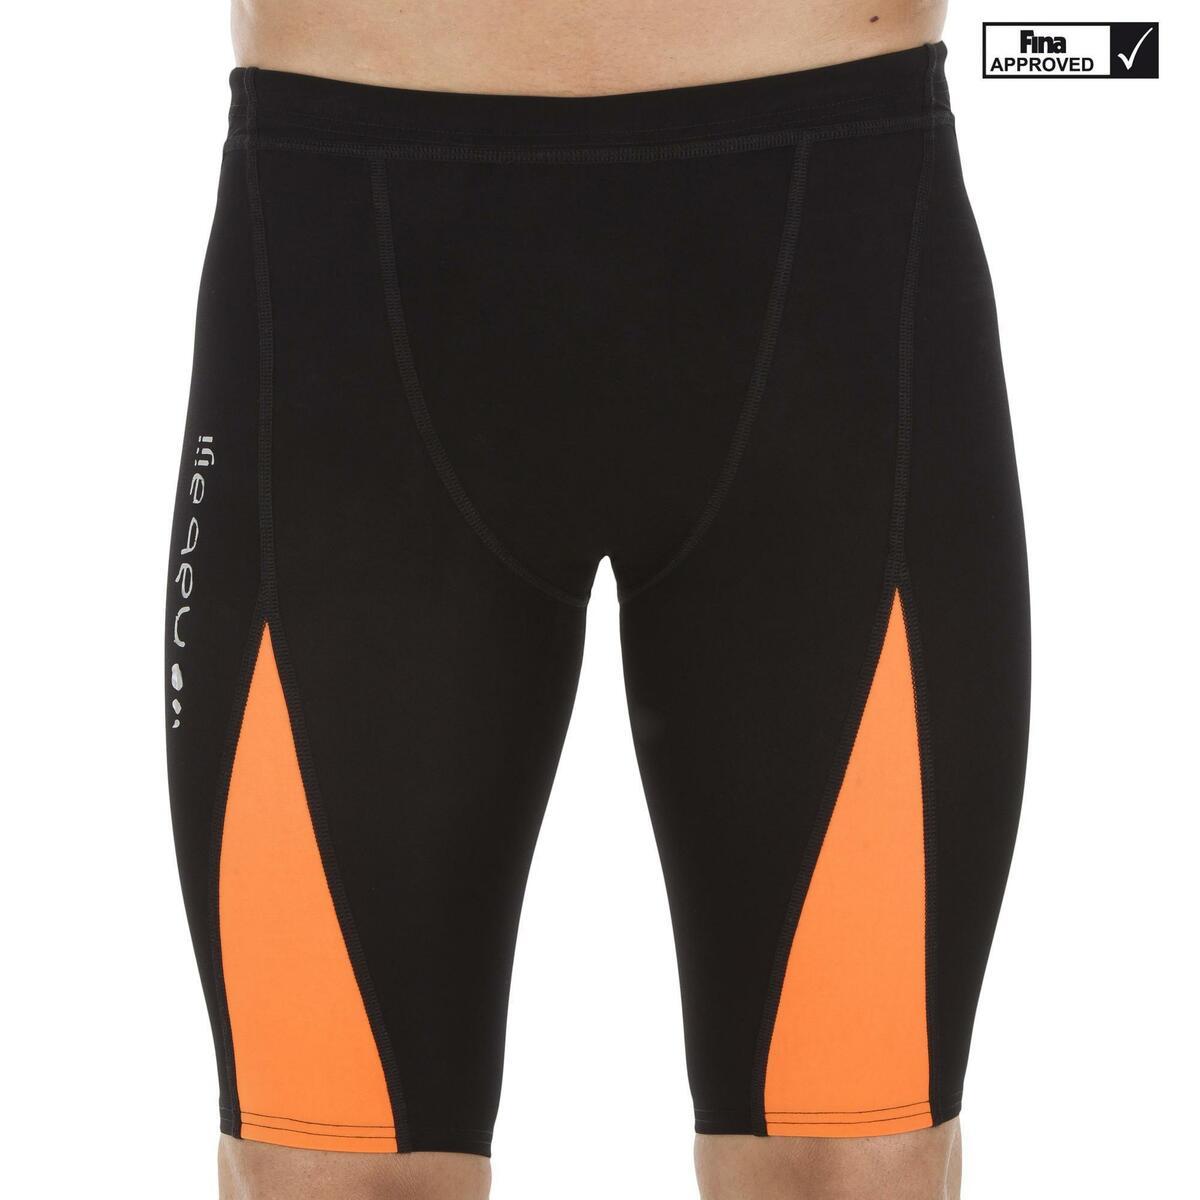 Bild 2 von Badehose Jammer Fina 900 Fast Wettkampf Herren schwarz/orange